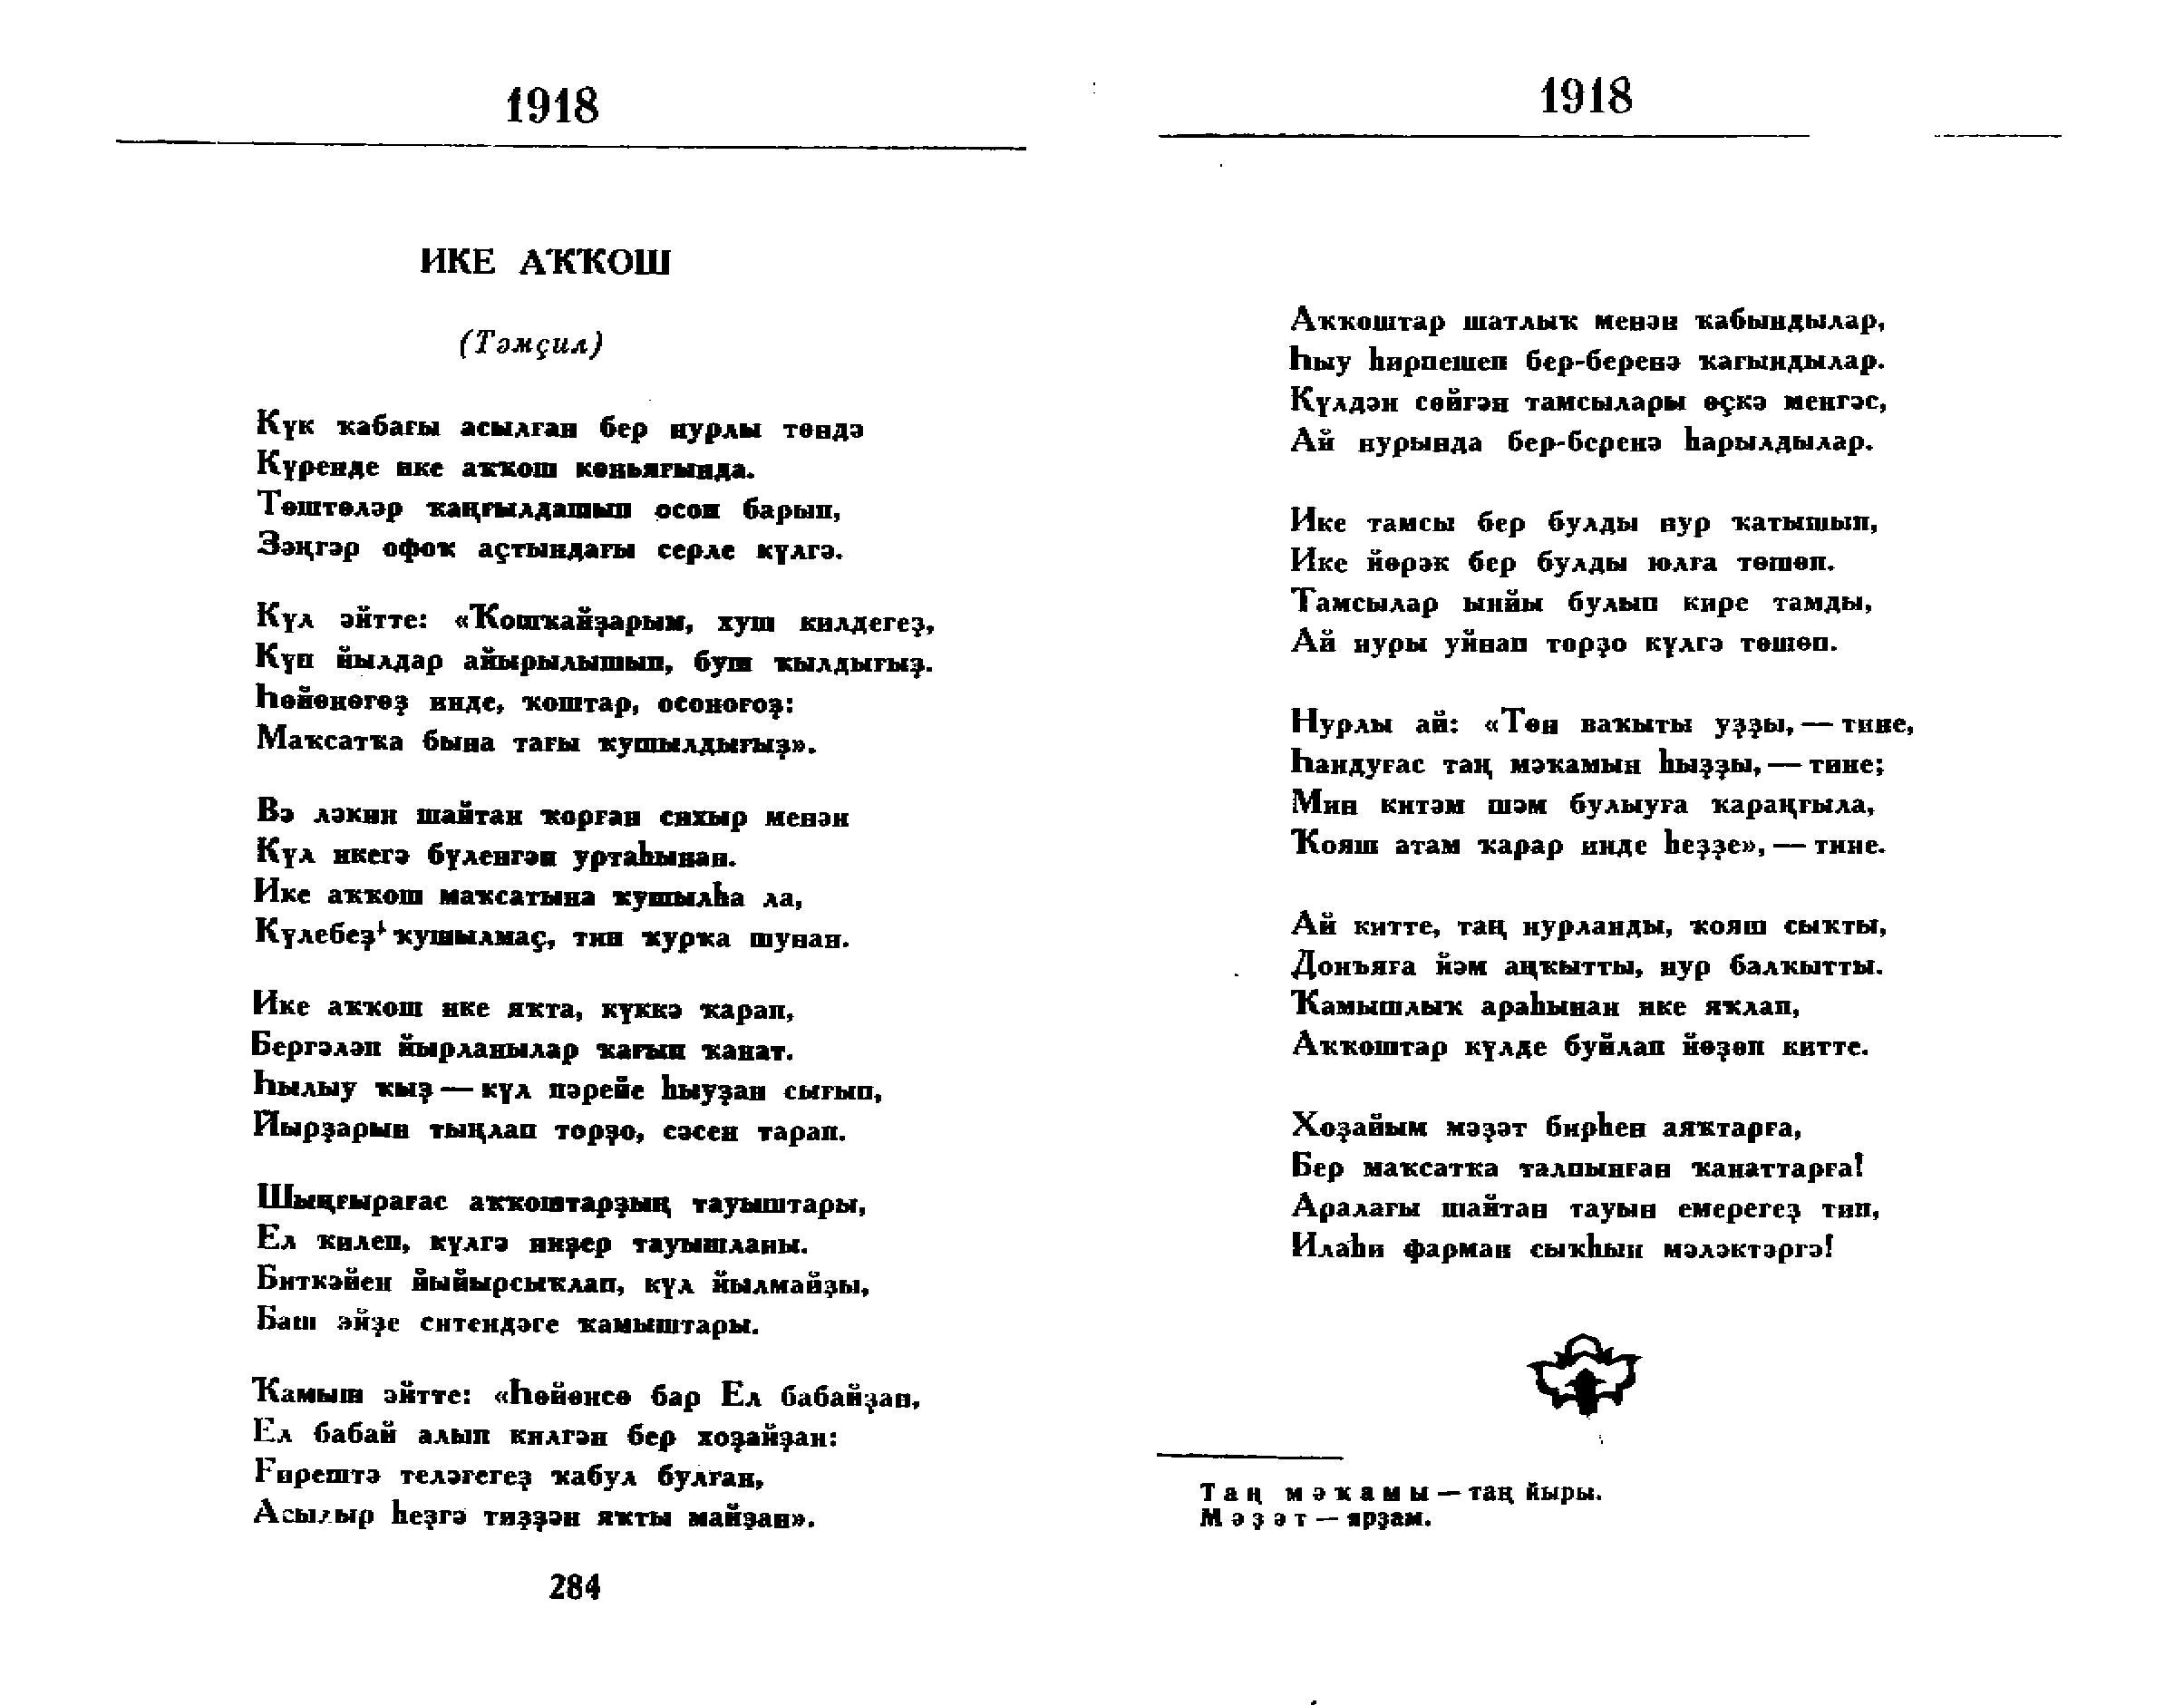 Сценарий мероприятия на башкирском языке